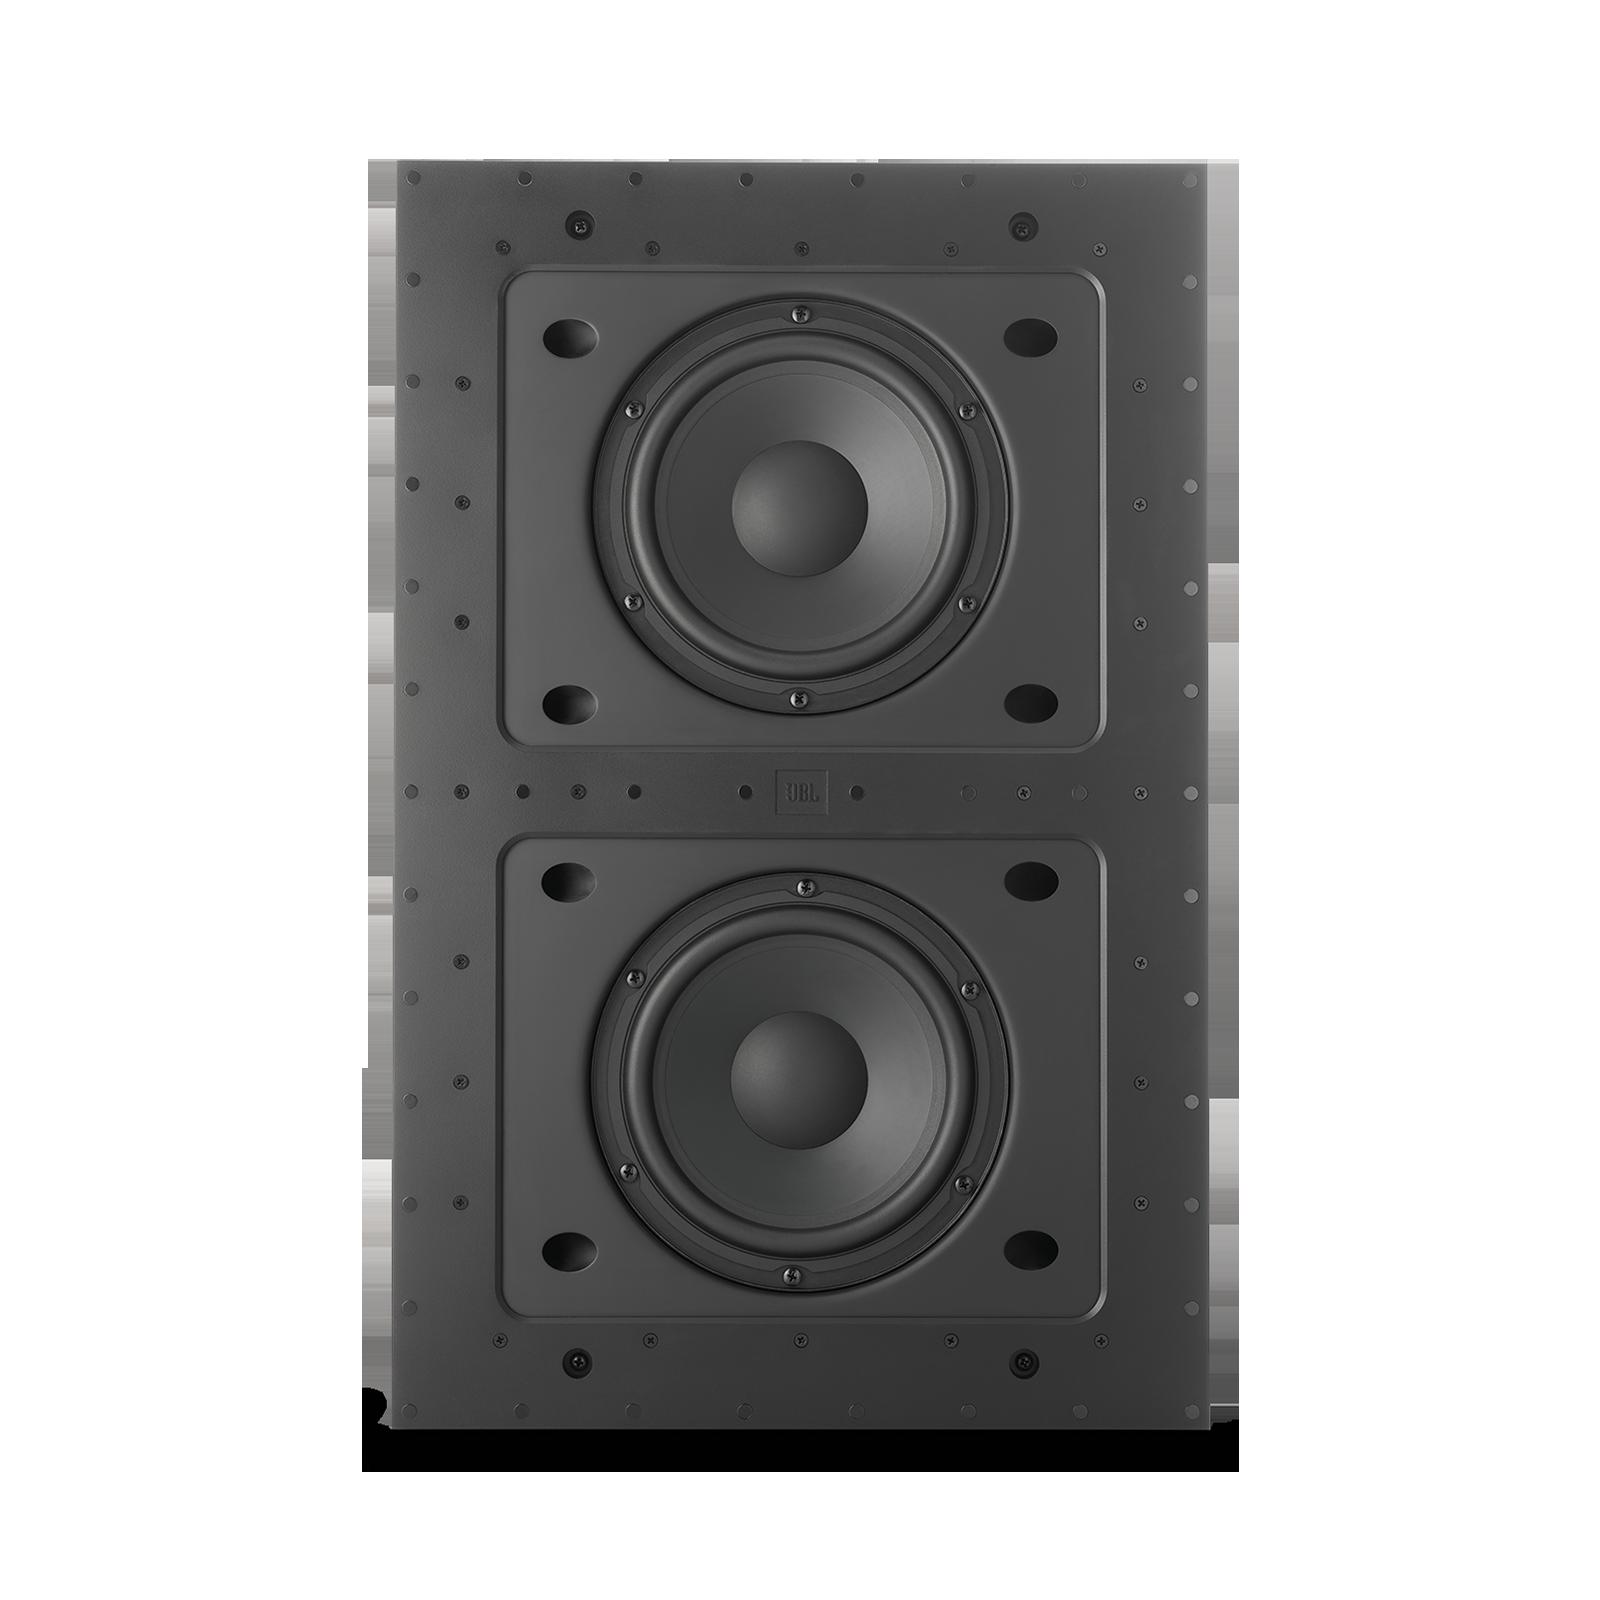 """JBL SSW-4 - Black Matte - Dual 8"""" (200mm) In-wall Passive Subwoofer - Detailshot 1"""